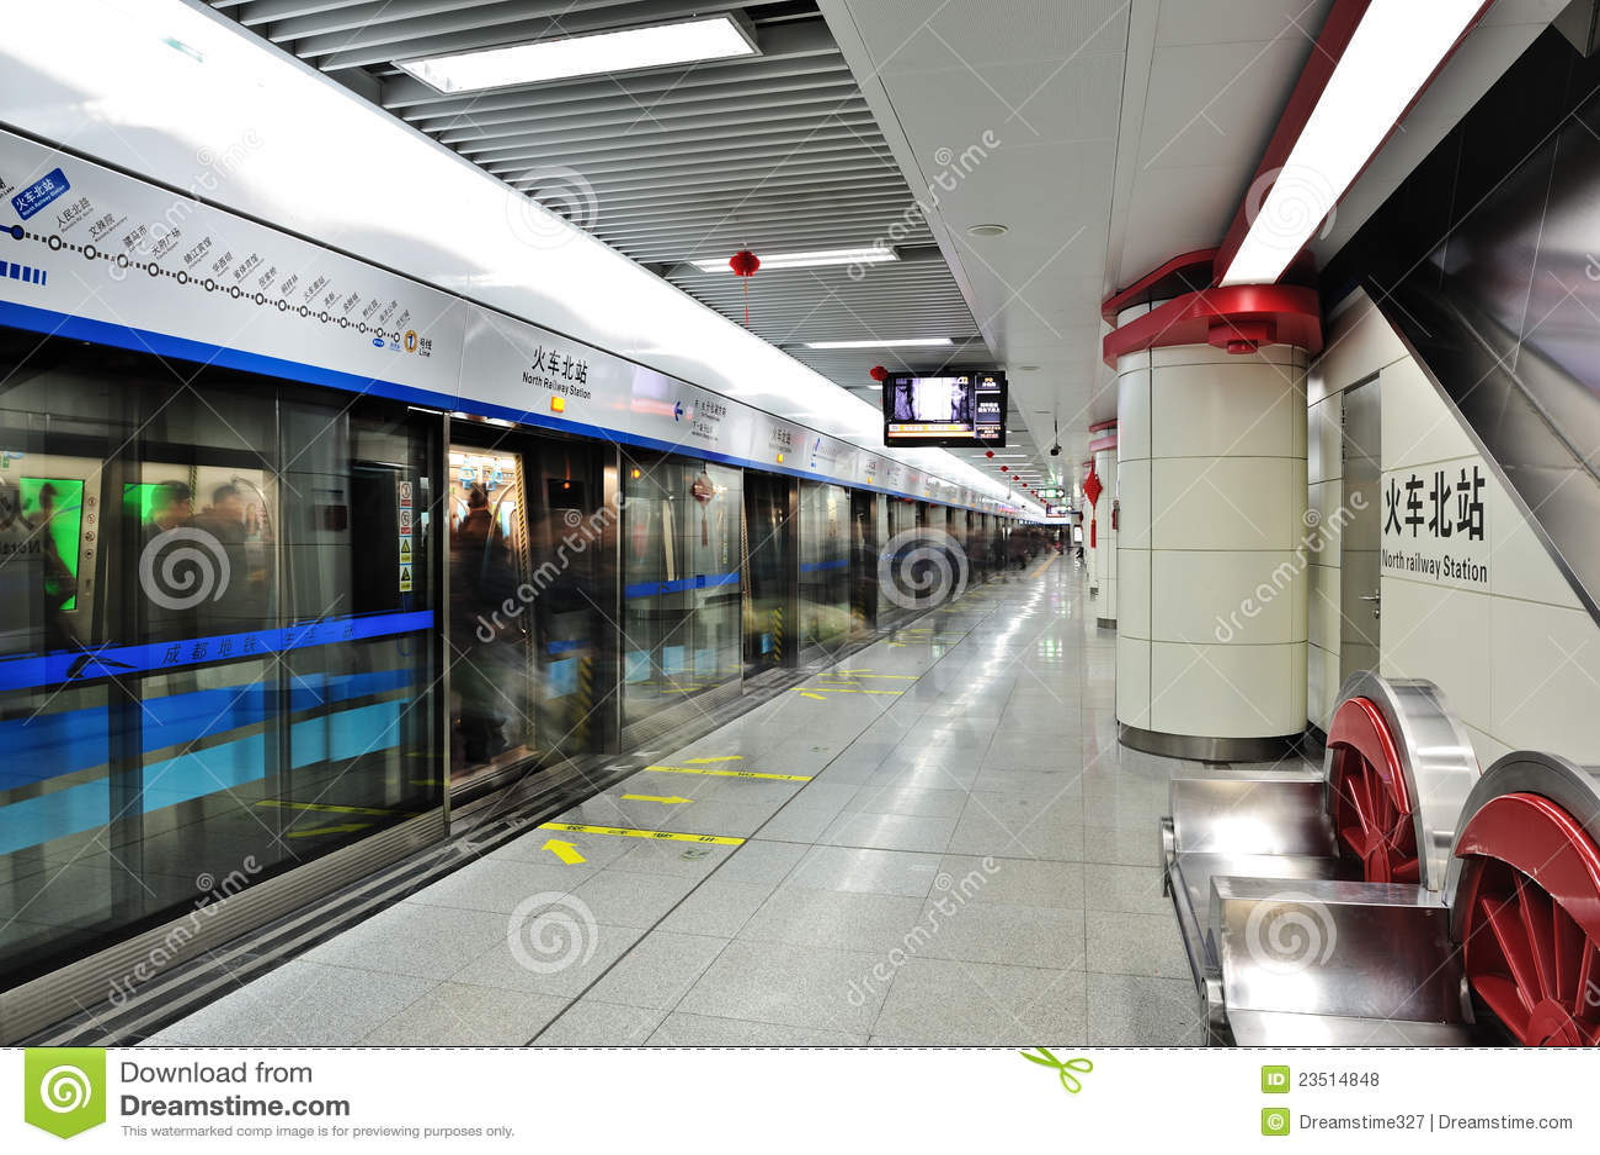 1 19 2012年成都瓷内部1月线路地铁乘的照片地铁.